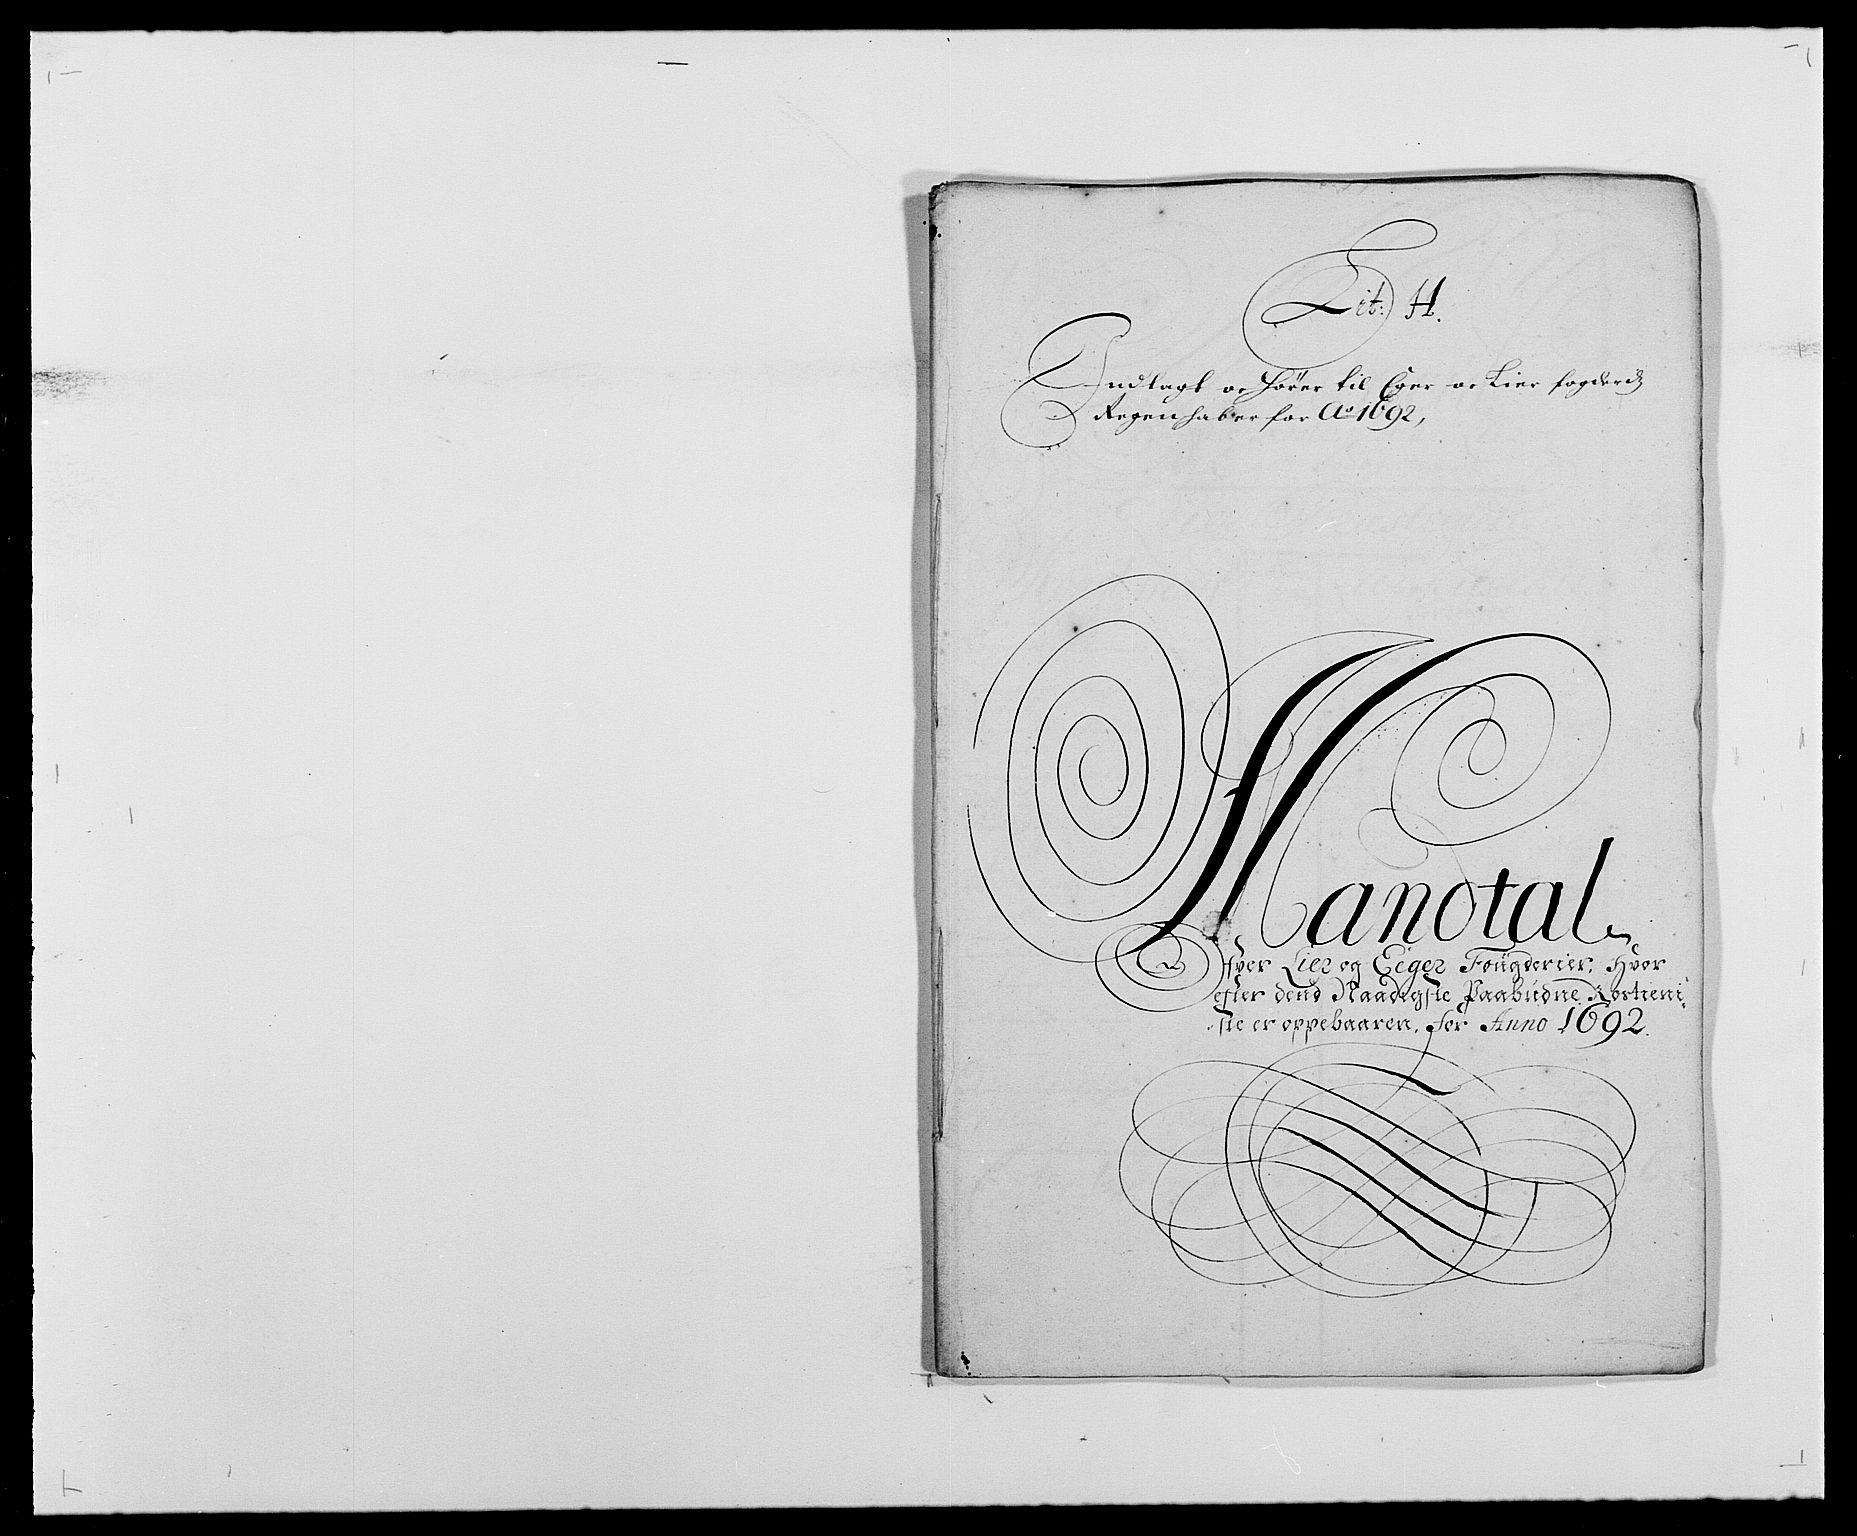 RA, Rentekammeret inntil 1814, Reviderte regnskaper, Fogderegnskap, R28/L1690: Fogderegnskap Eiker og Lier, 1692-1693, s. 69